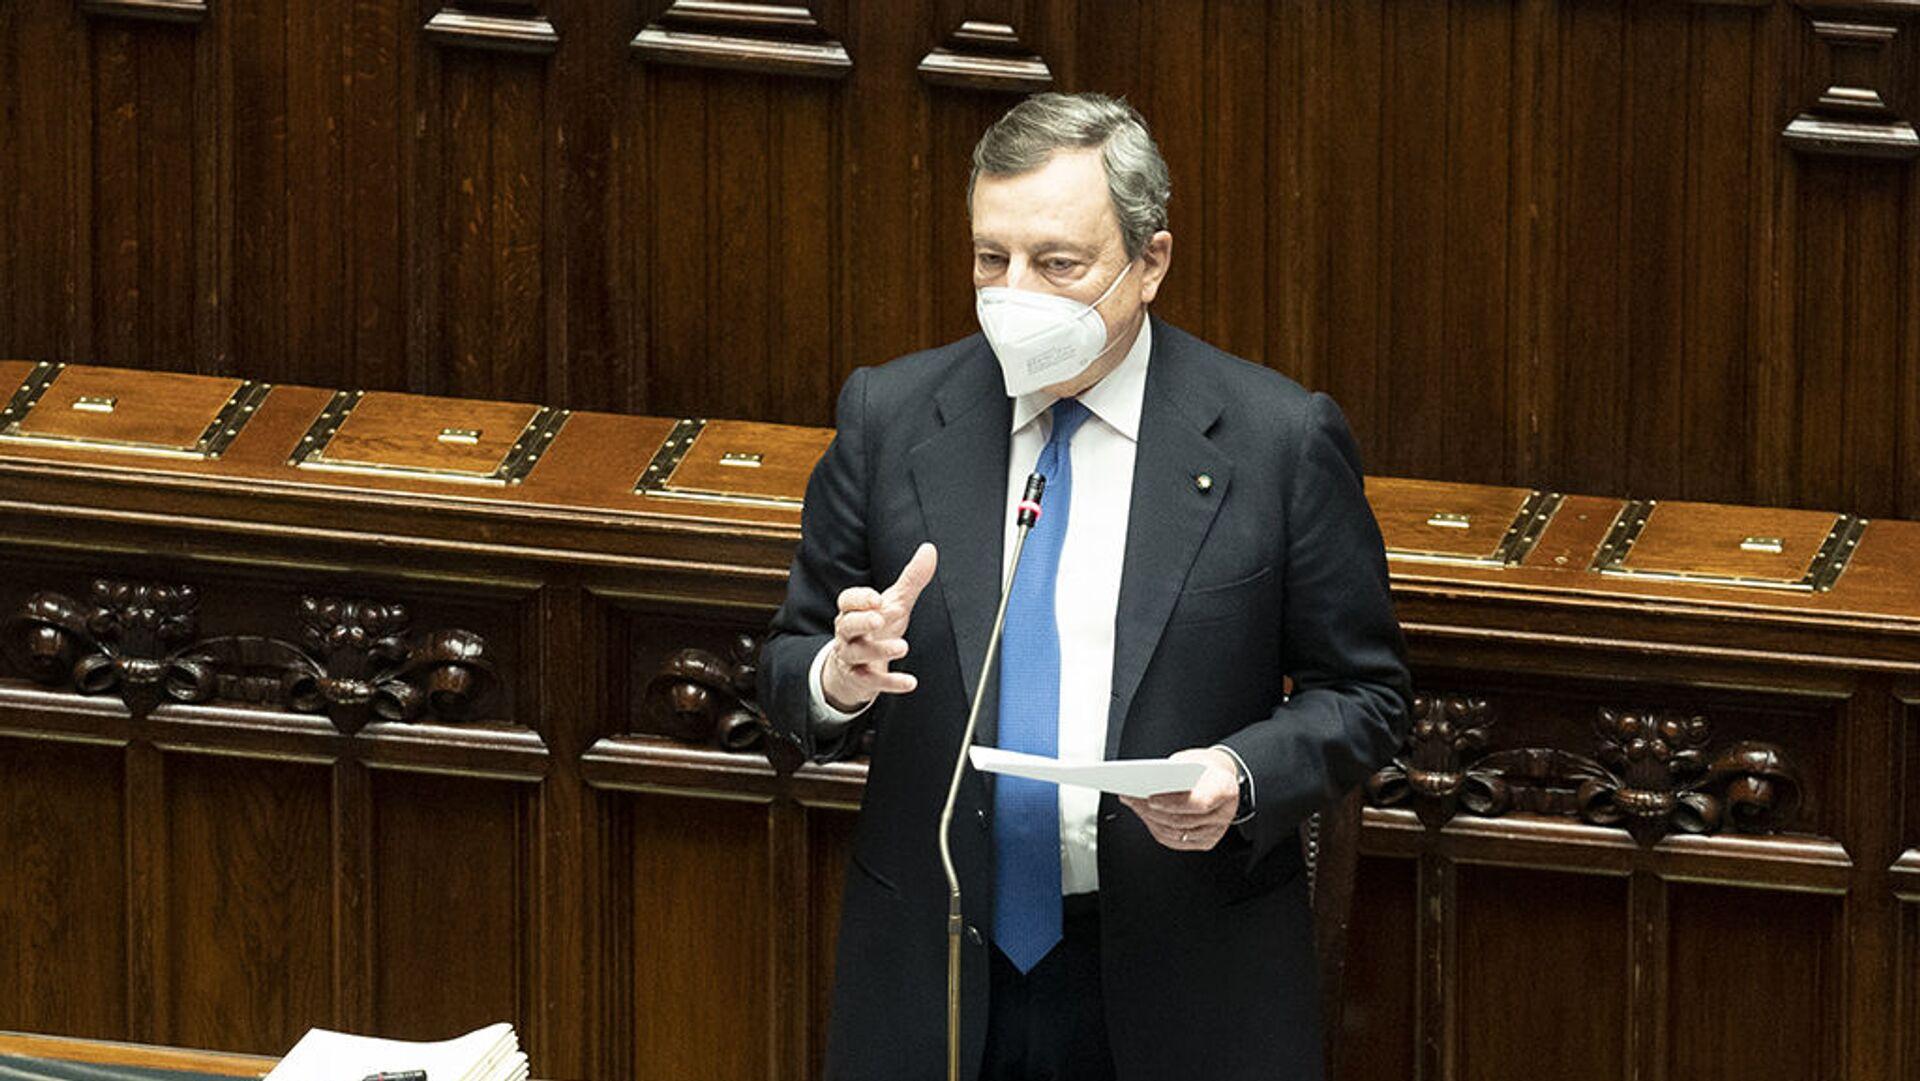 Mario Draghi interviene in parlamento - Sputnik Italia, 1920, 20.07.2021